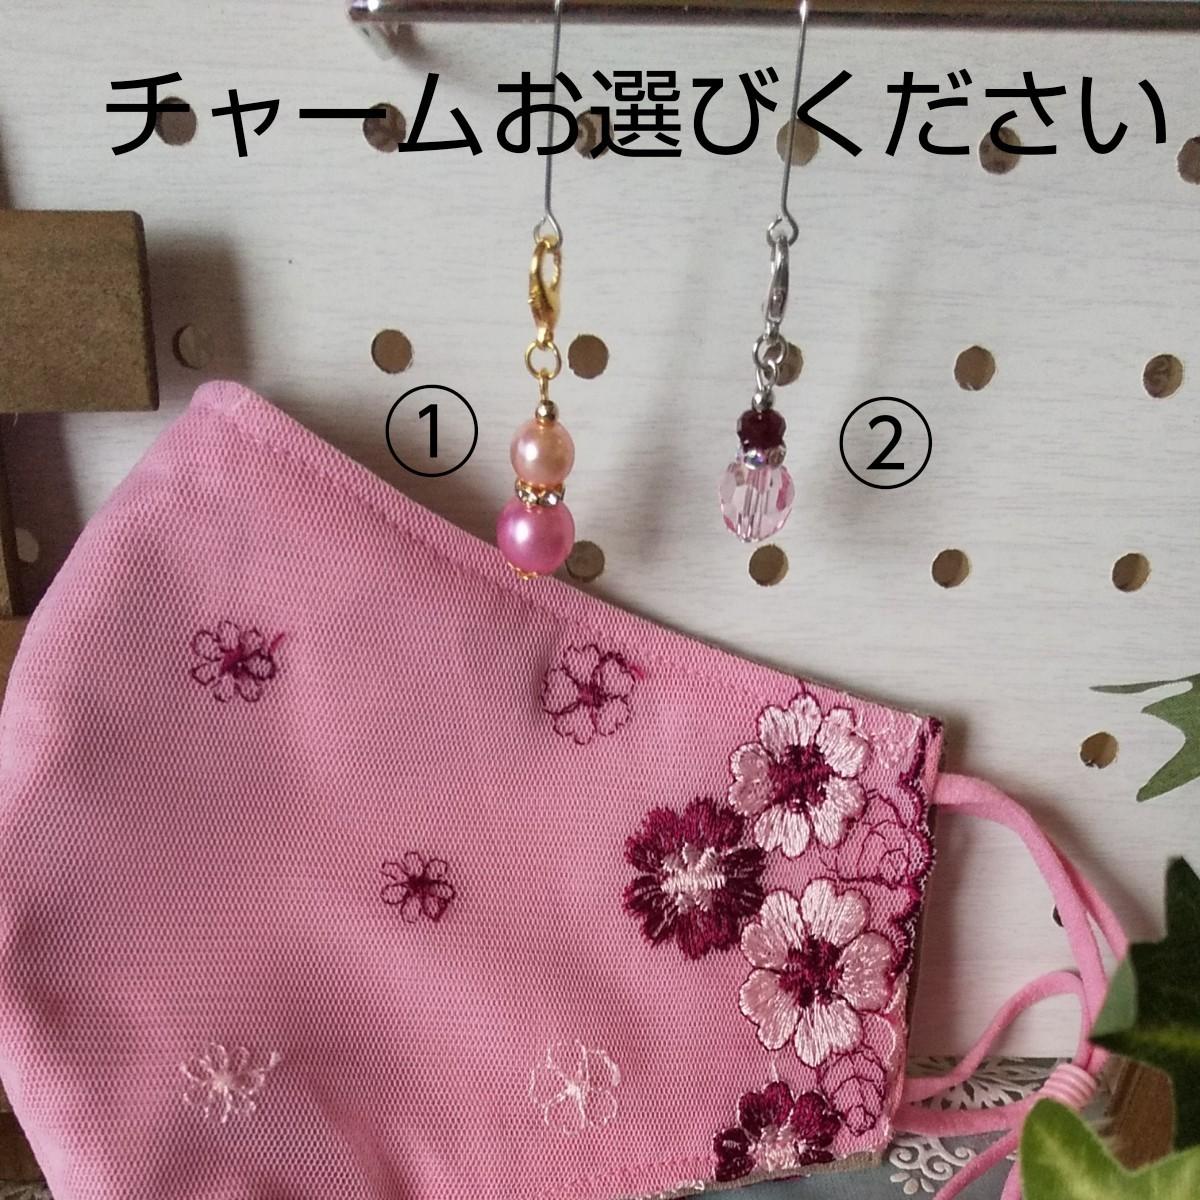 立体インナーハンドメイド、綿ガーゼ、チュールレース(ピンク×花柄)(小さめサイズ)アジャスター付、チャーム付